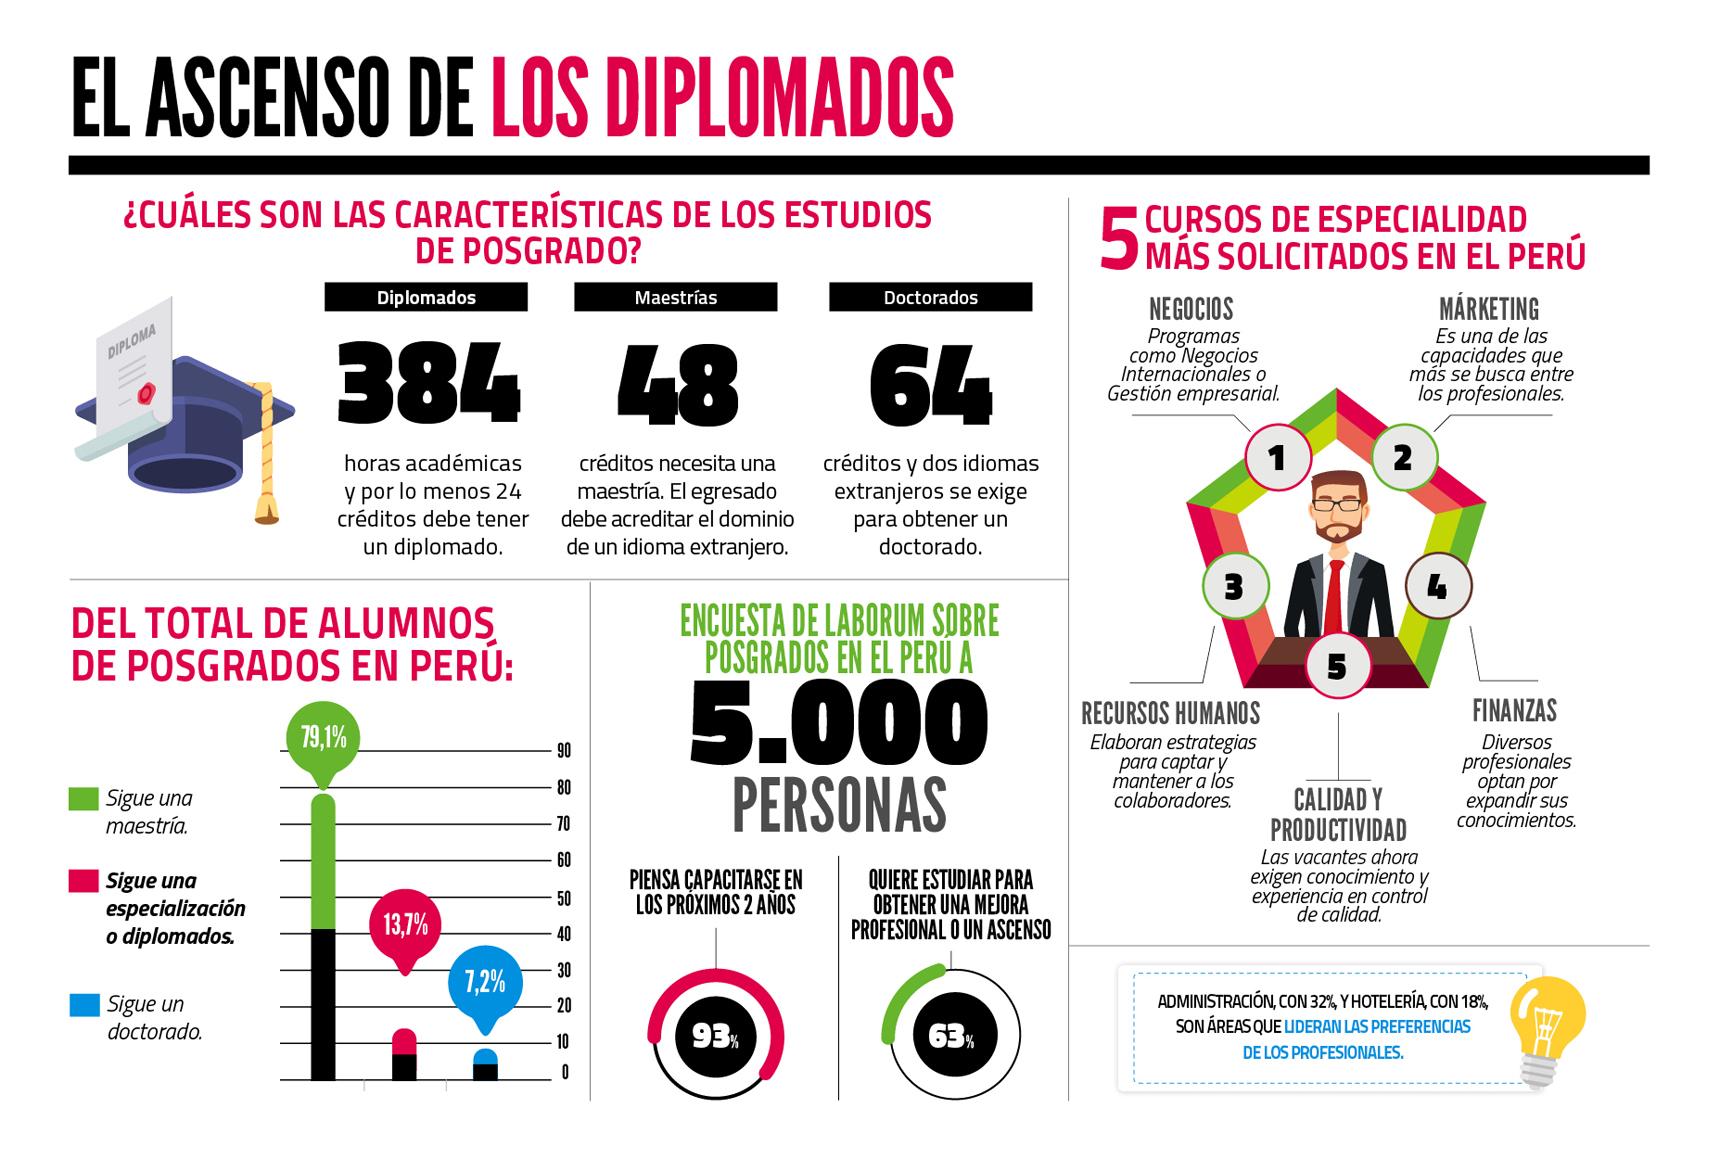 Cifras: Demanda de diplomados en el Perú